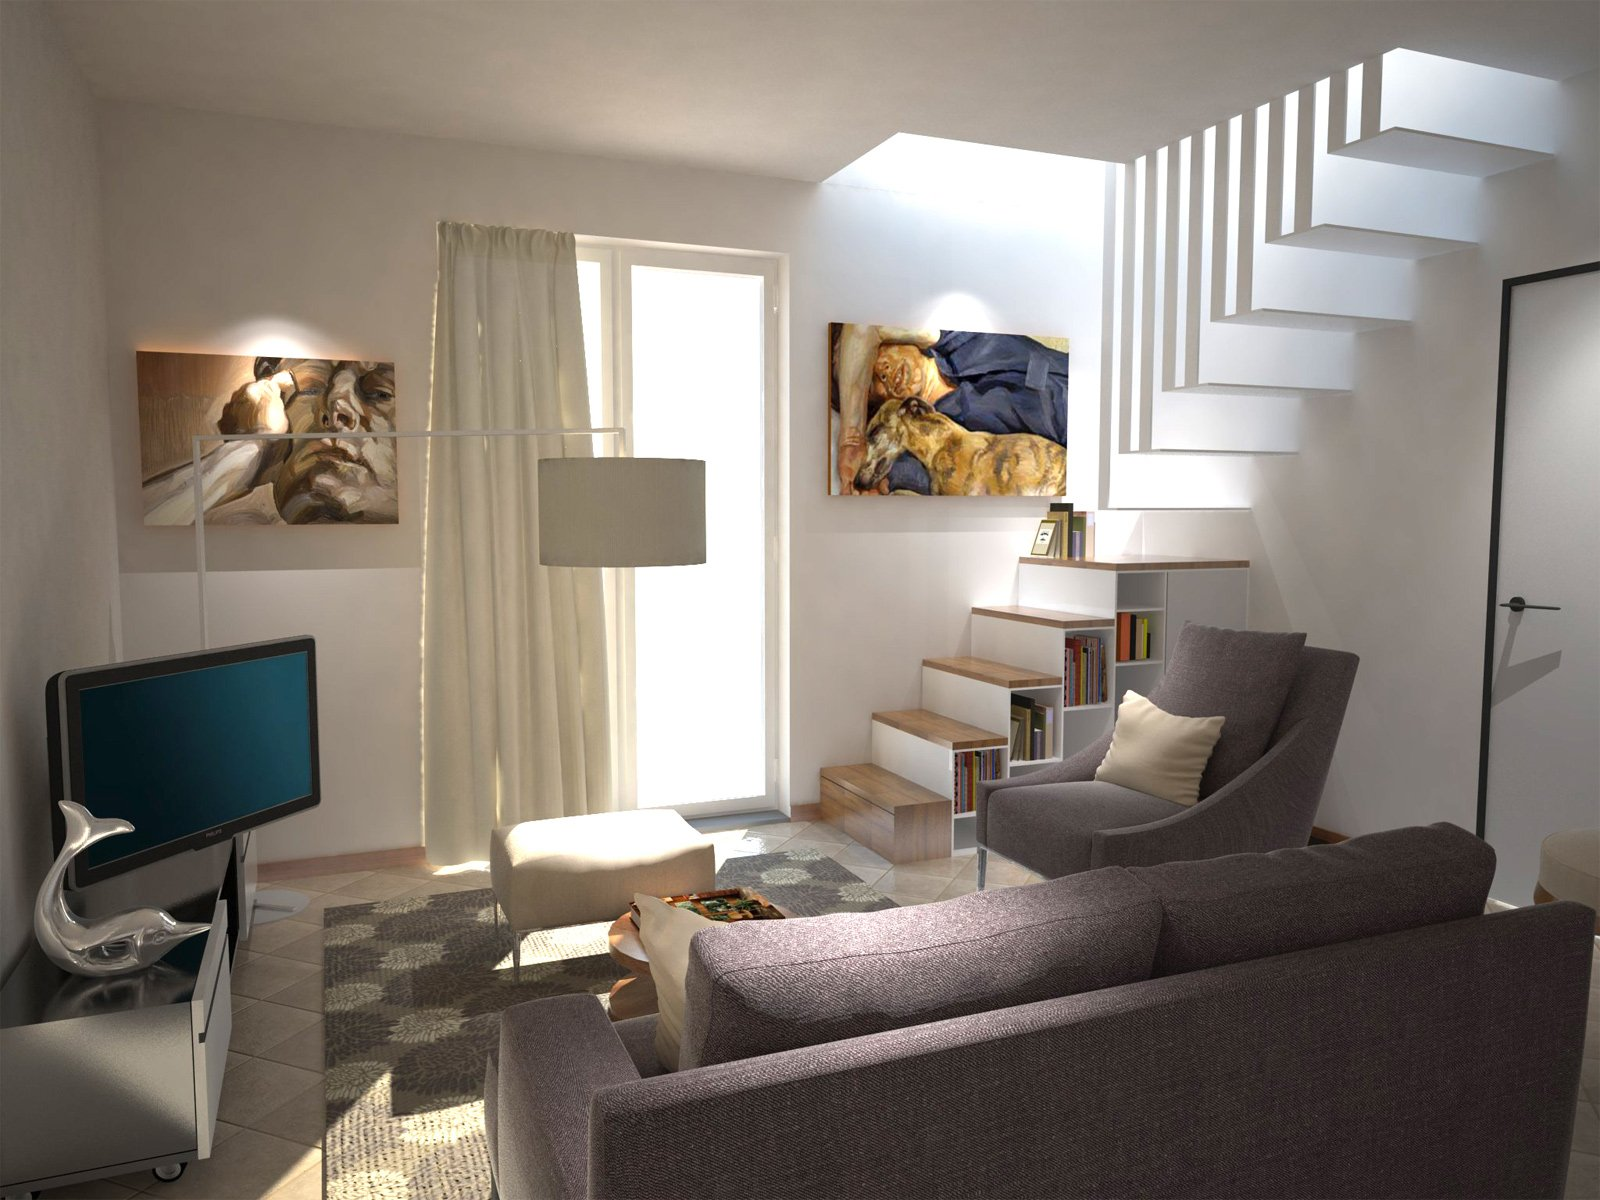 Arredare un soggiorno con tante aperture sulle pareti cose di casa - Arredare sala piccola ...